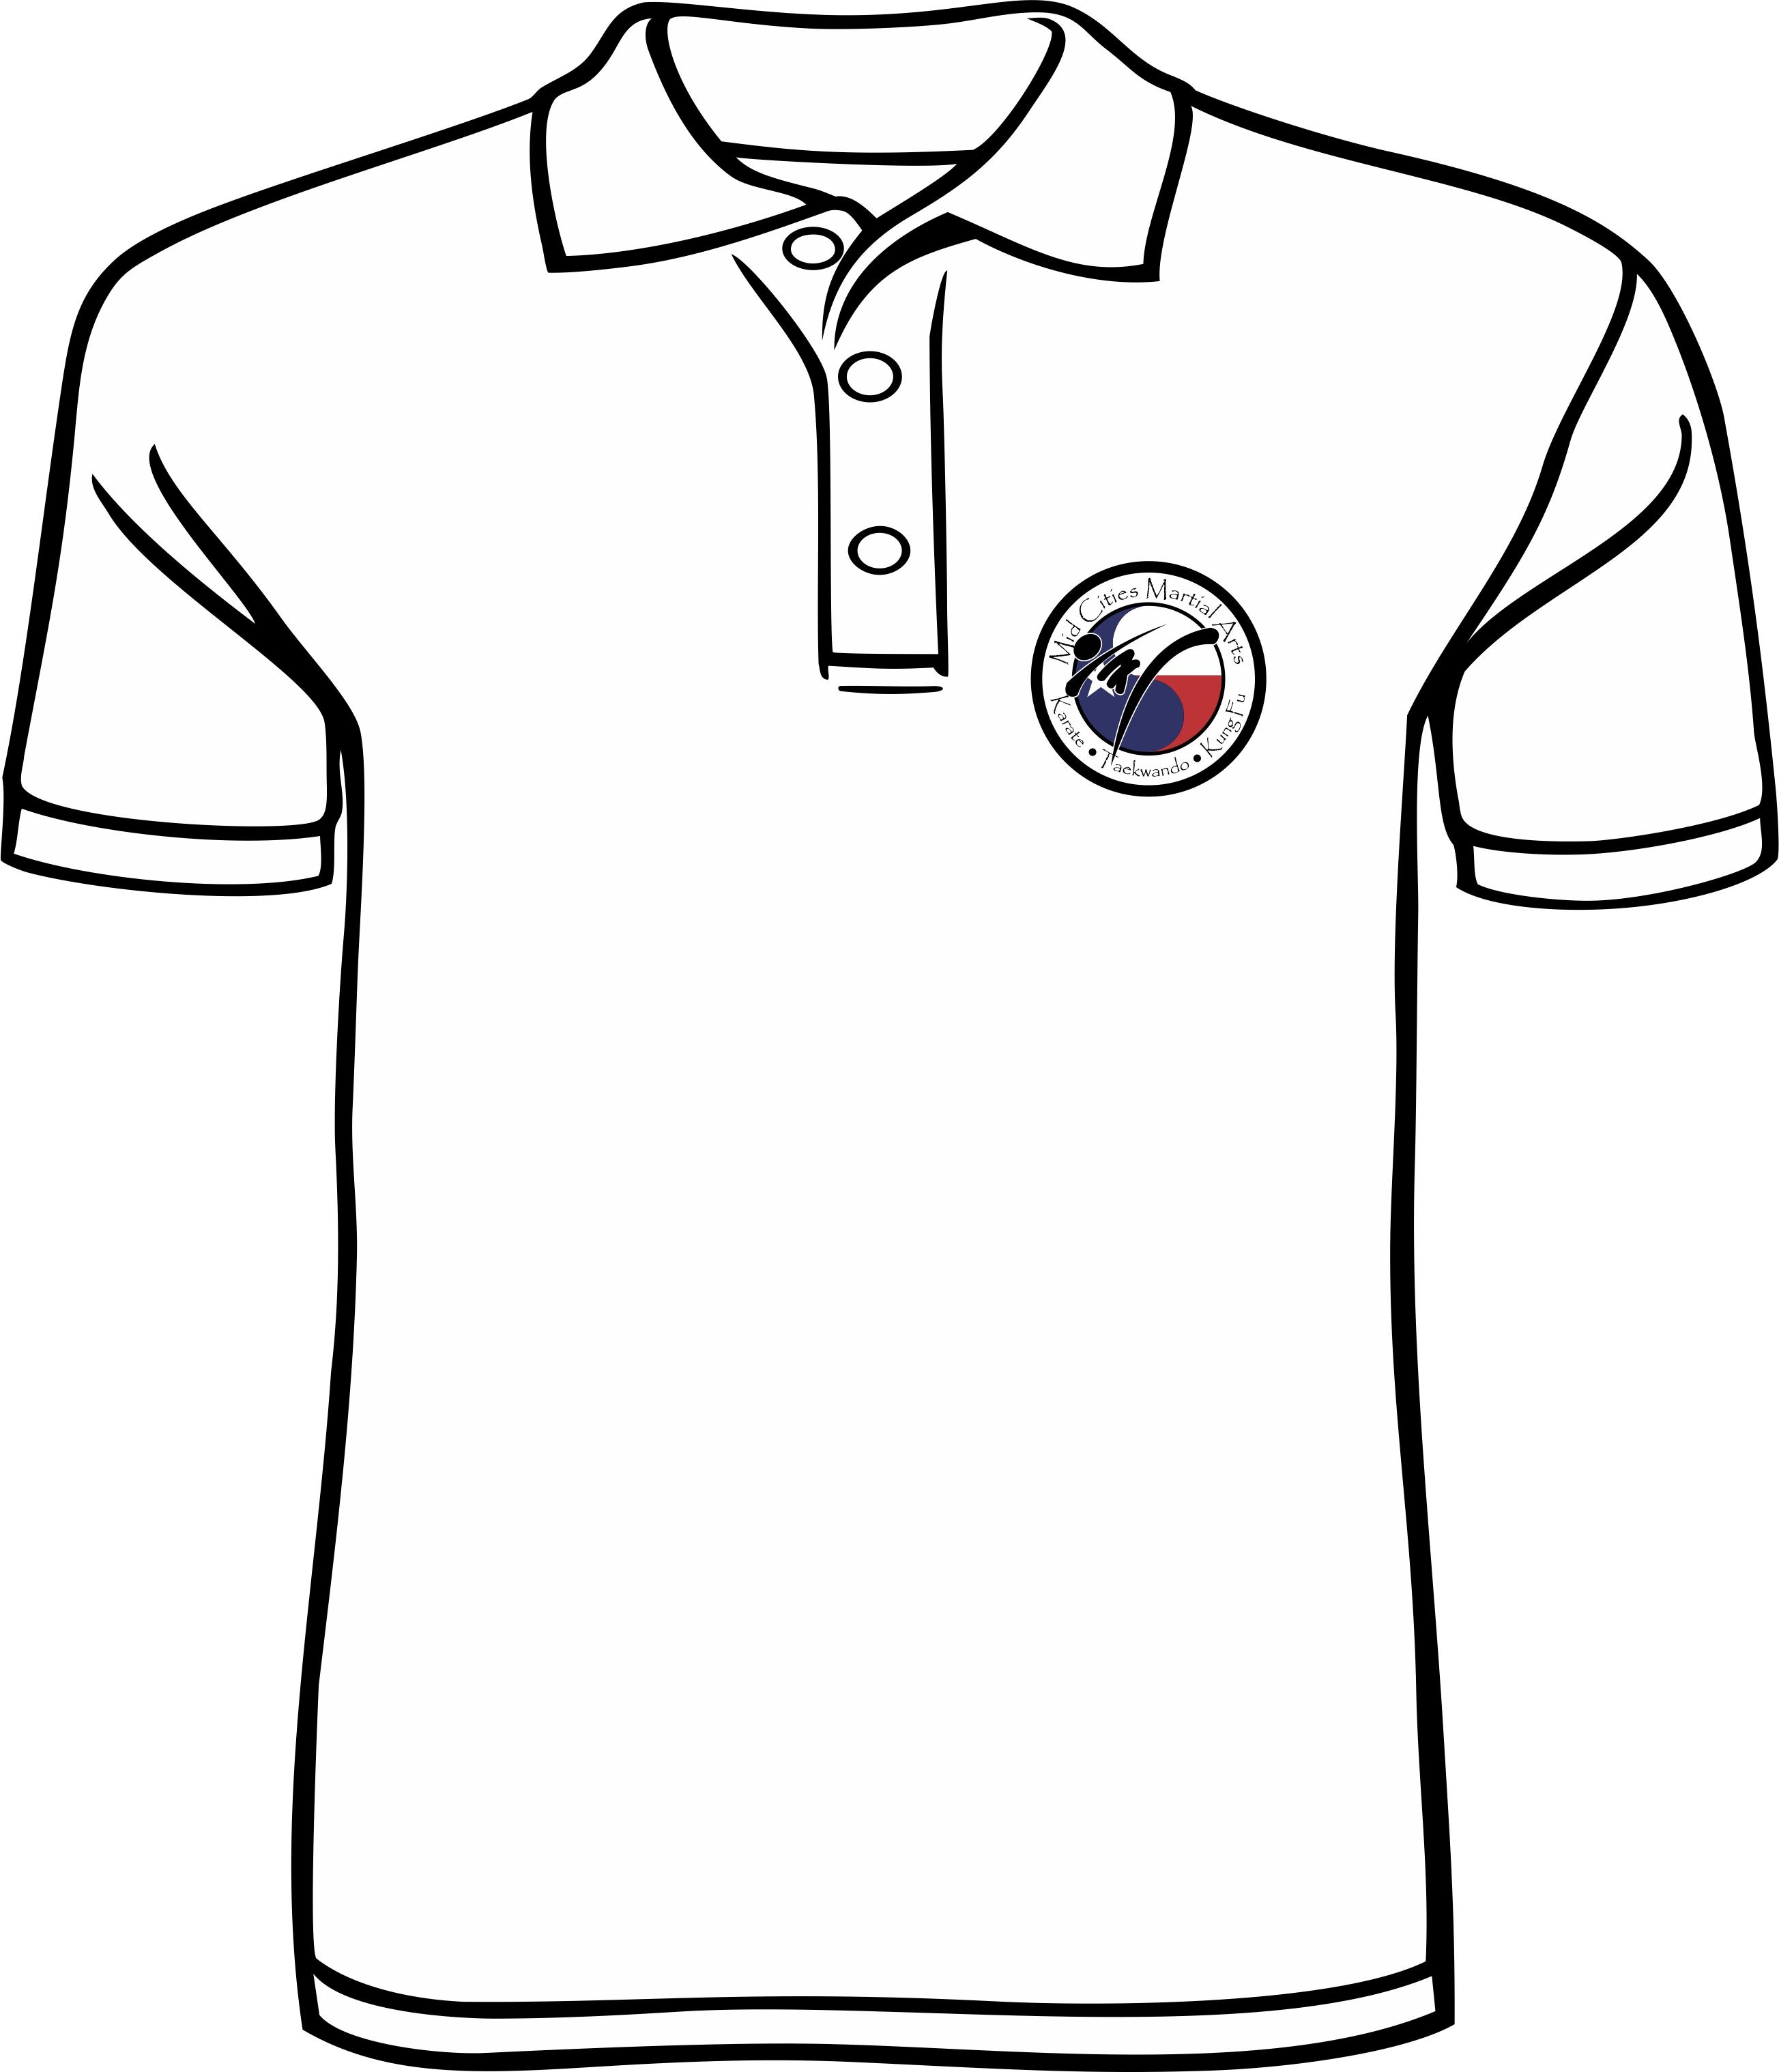 Collared Shirt Drawing At Getdrawings